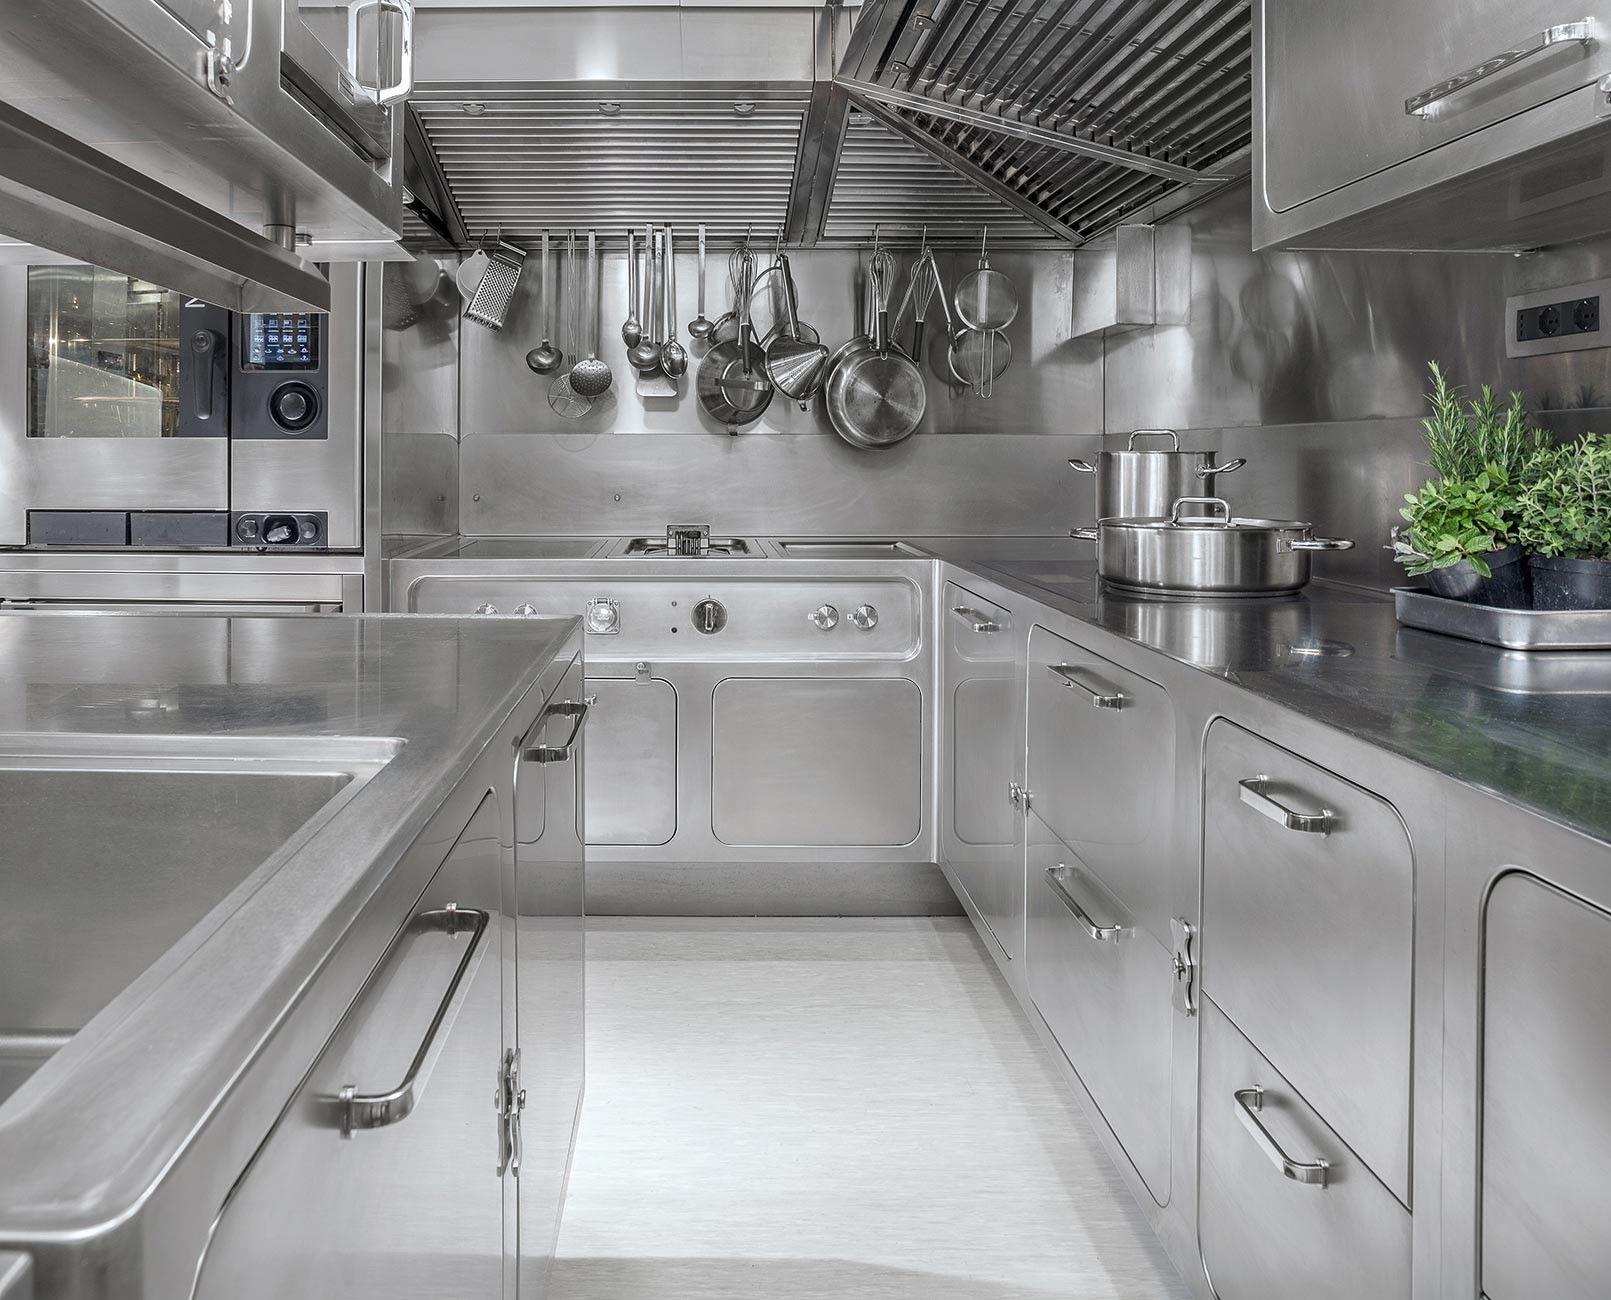 Realizzazioni Con Le Cucine Di Design In Acciaio Inox Abimis Industrial Kitchen Design Restaurant Kitchen Design Industrial Kitchen Design Restaurant